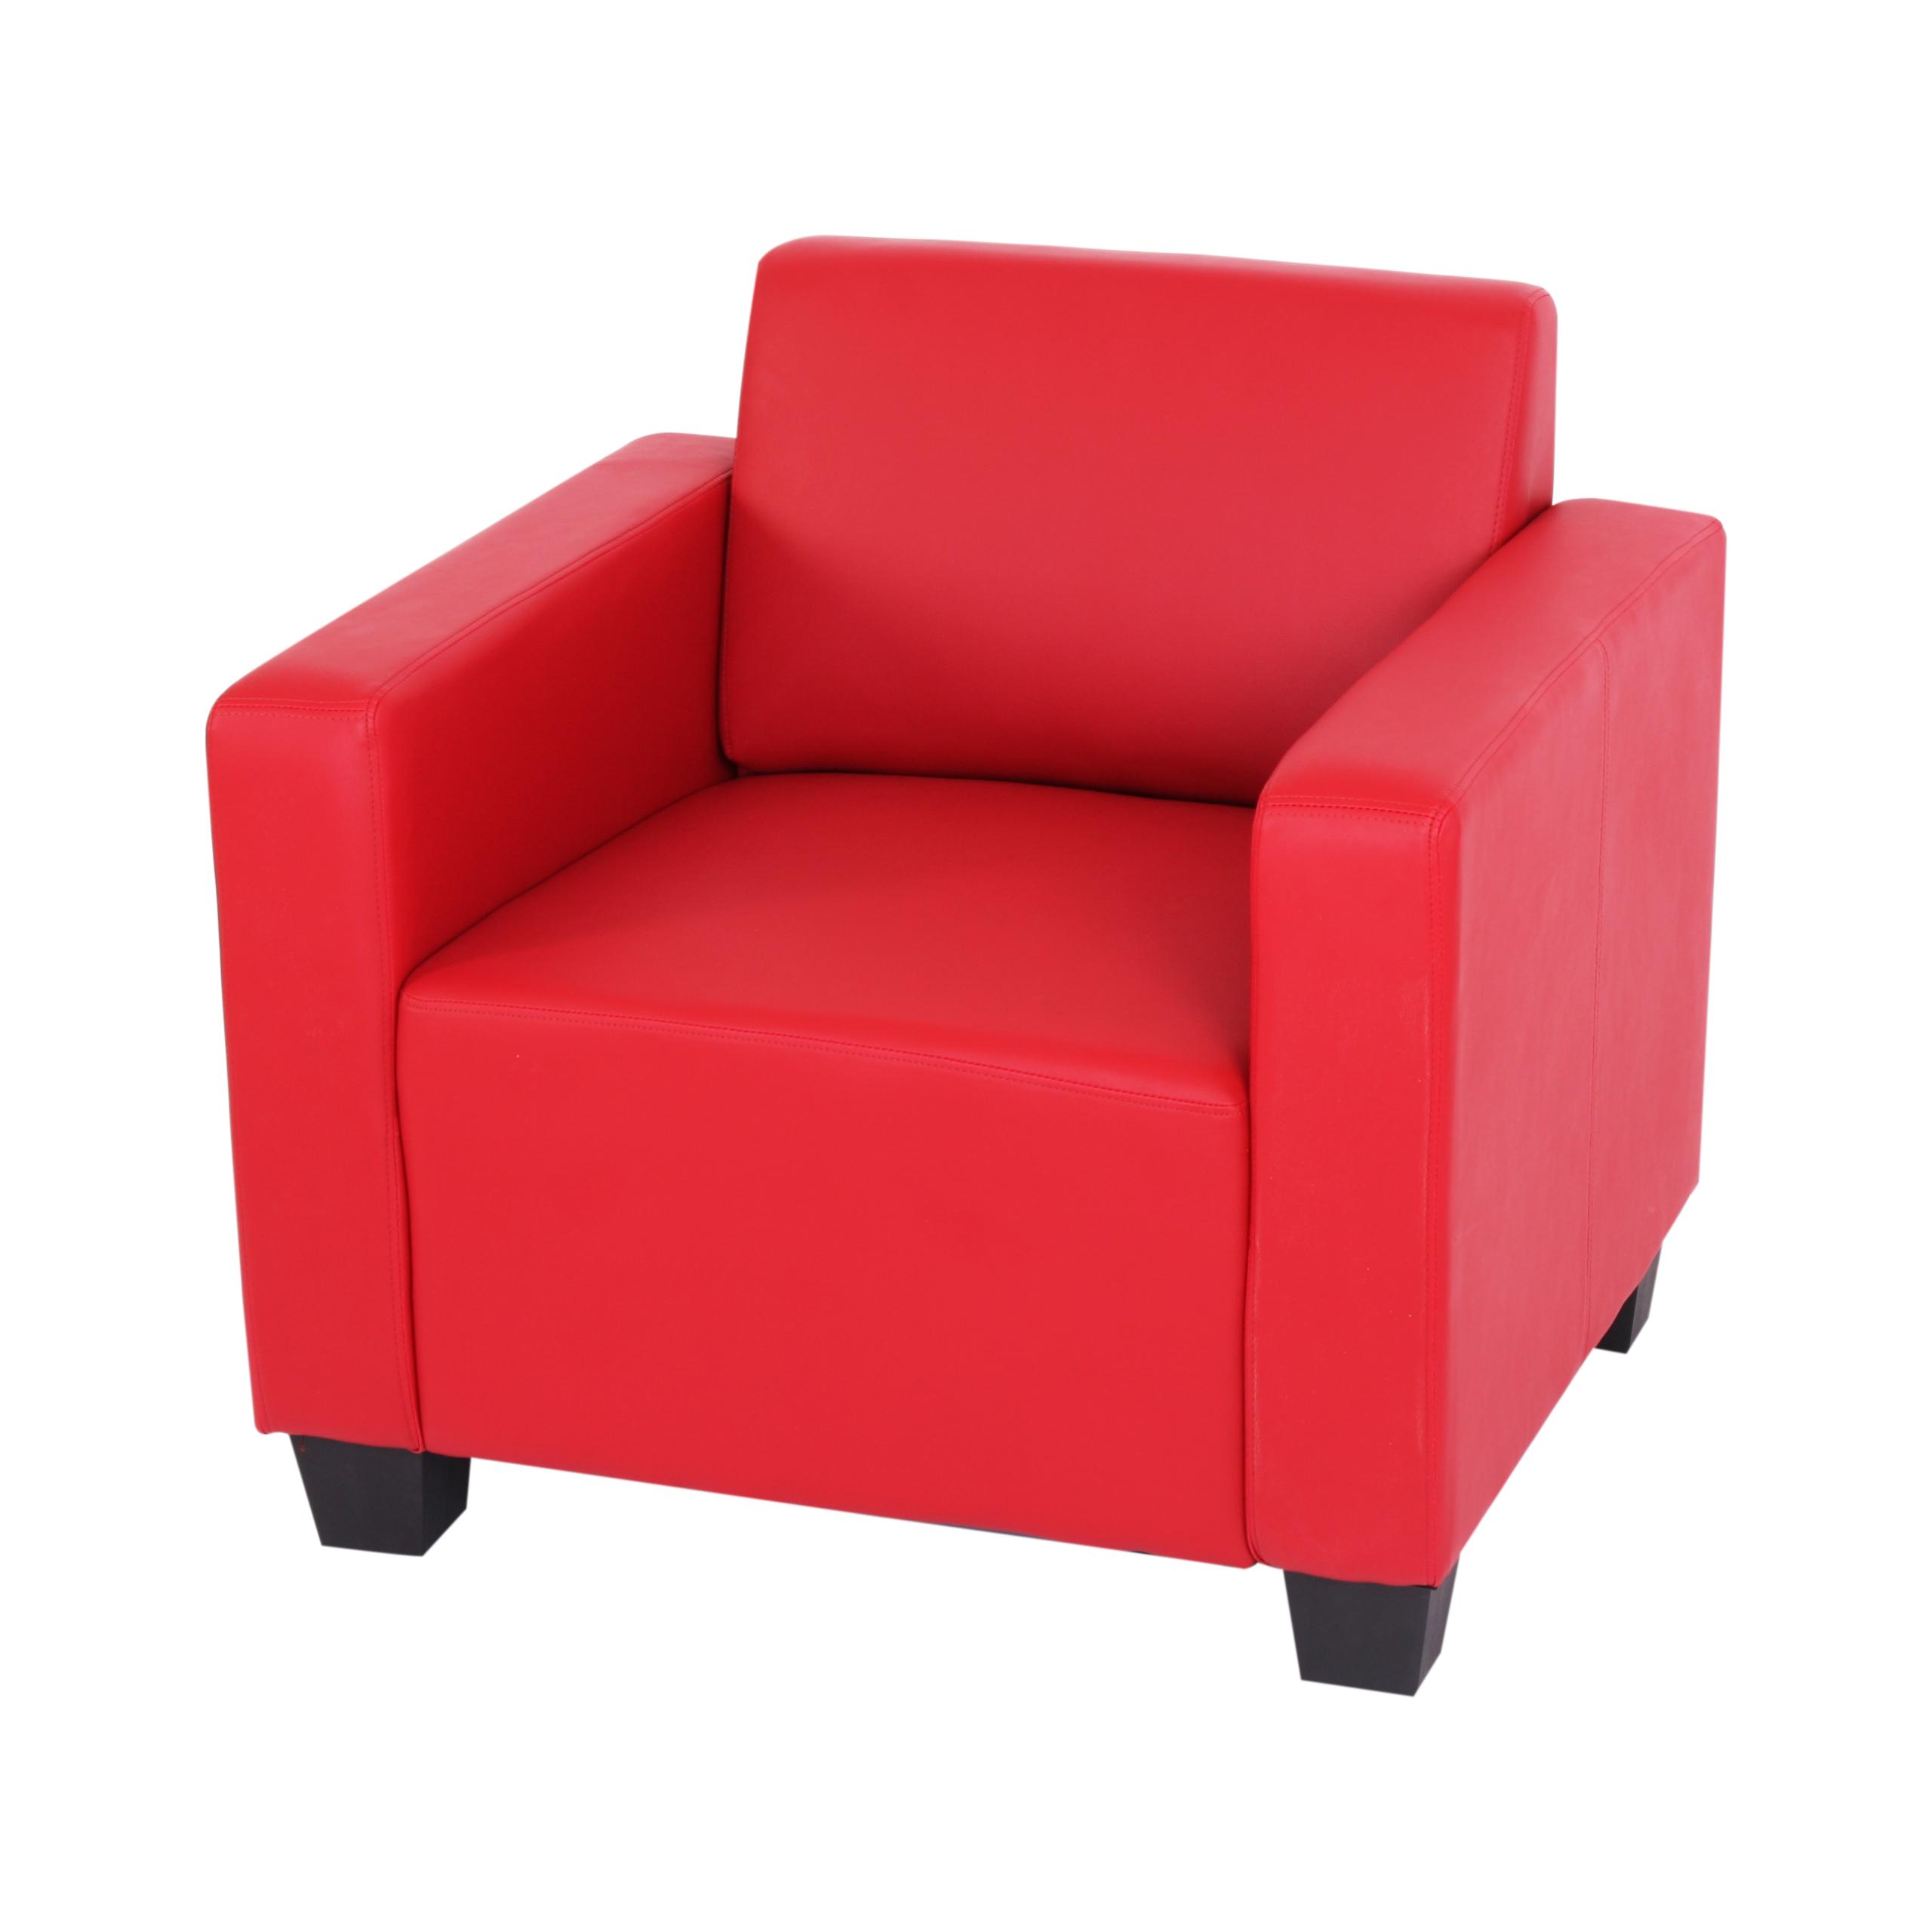 sessel loungesessel lyon kunstleder rot. Black Bedroom Furniture Sets. Home Design Ideas